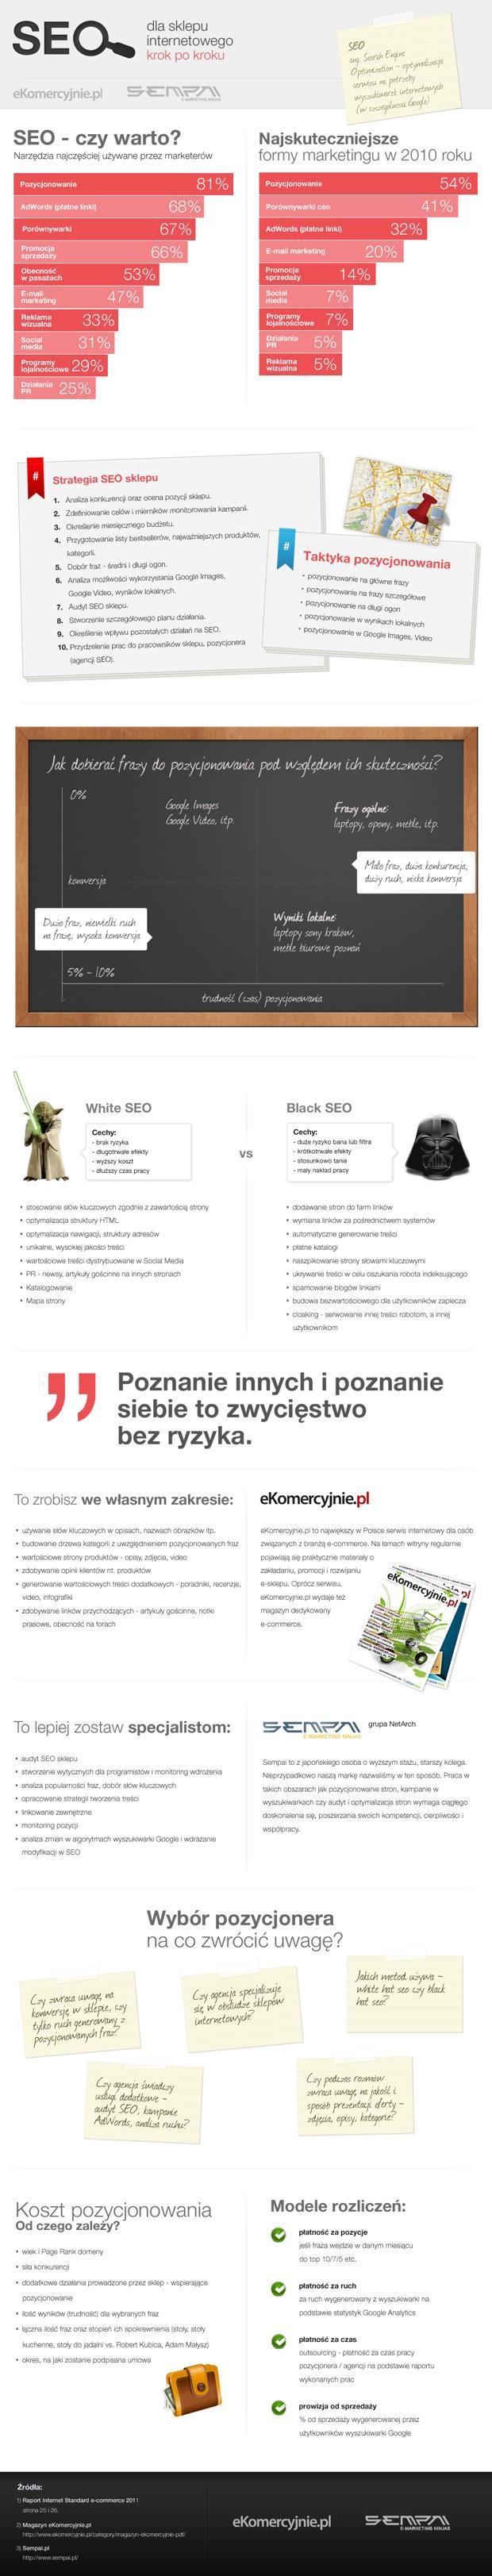 strategia SEO infografika